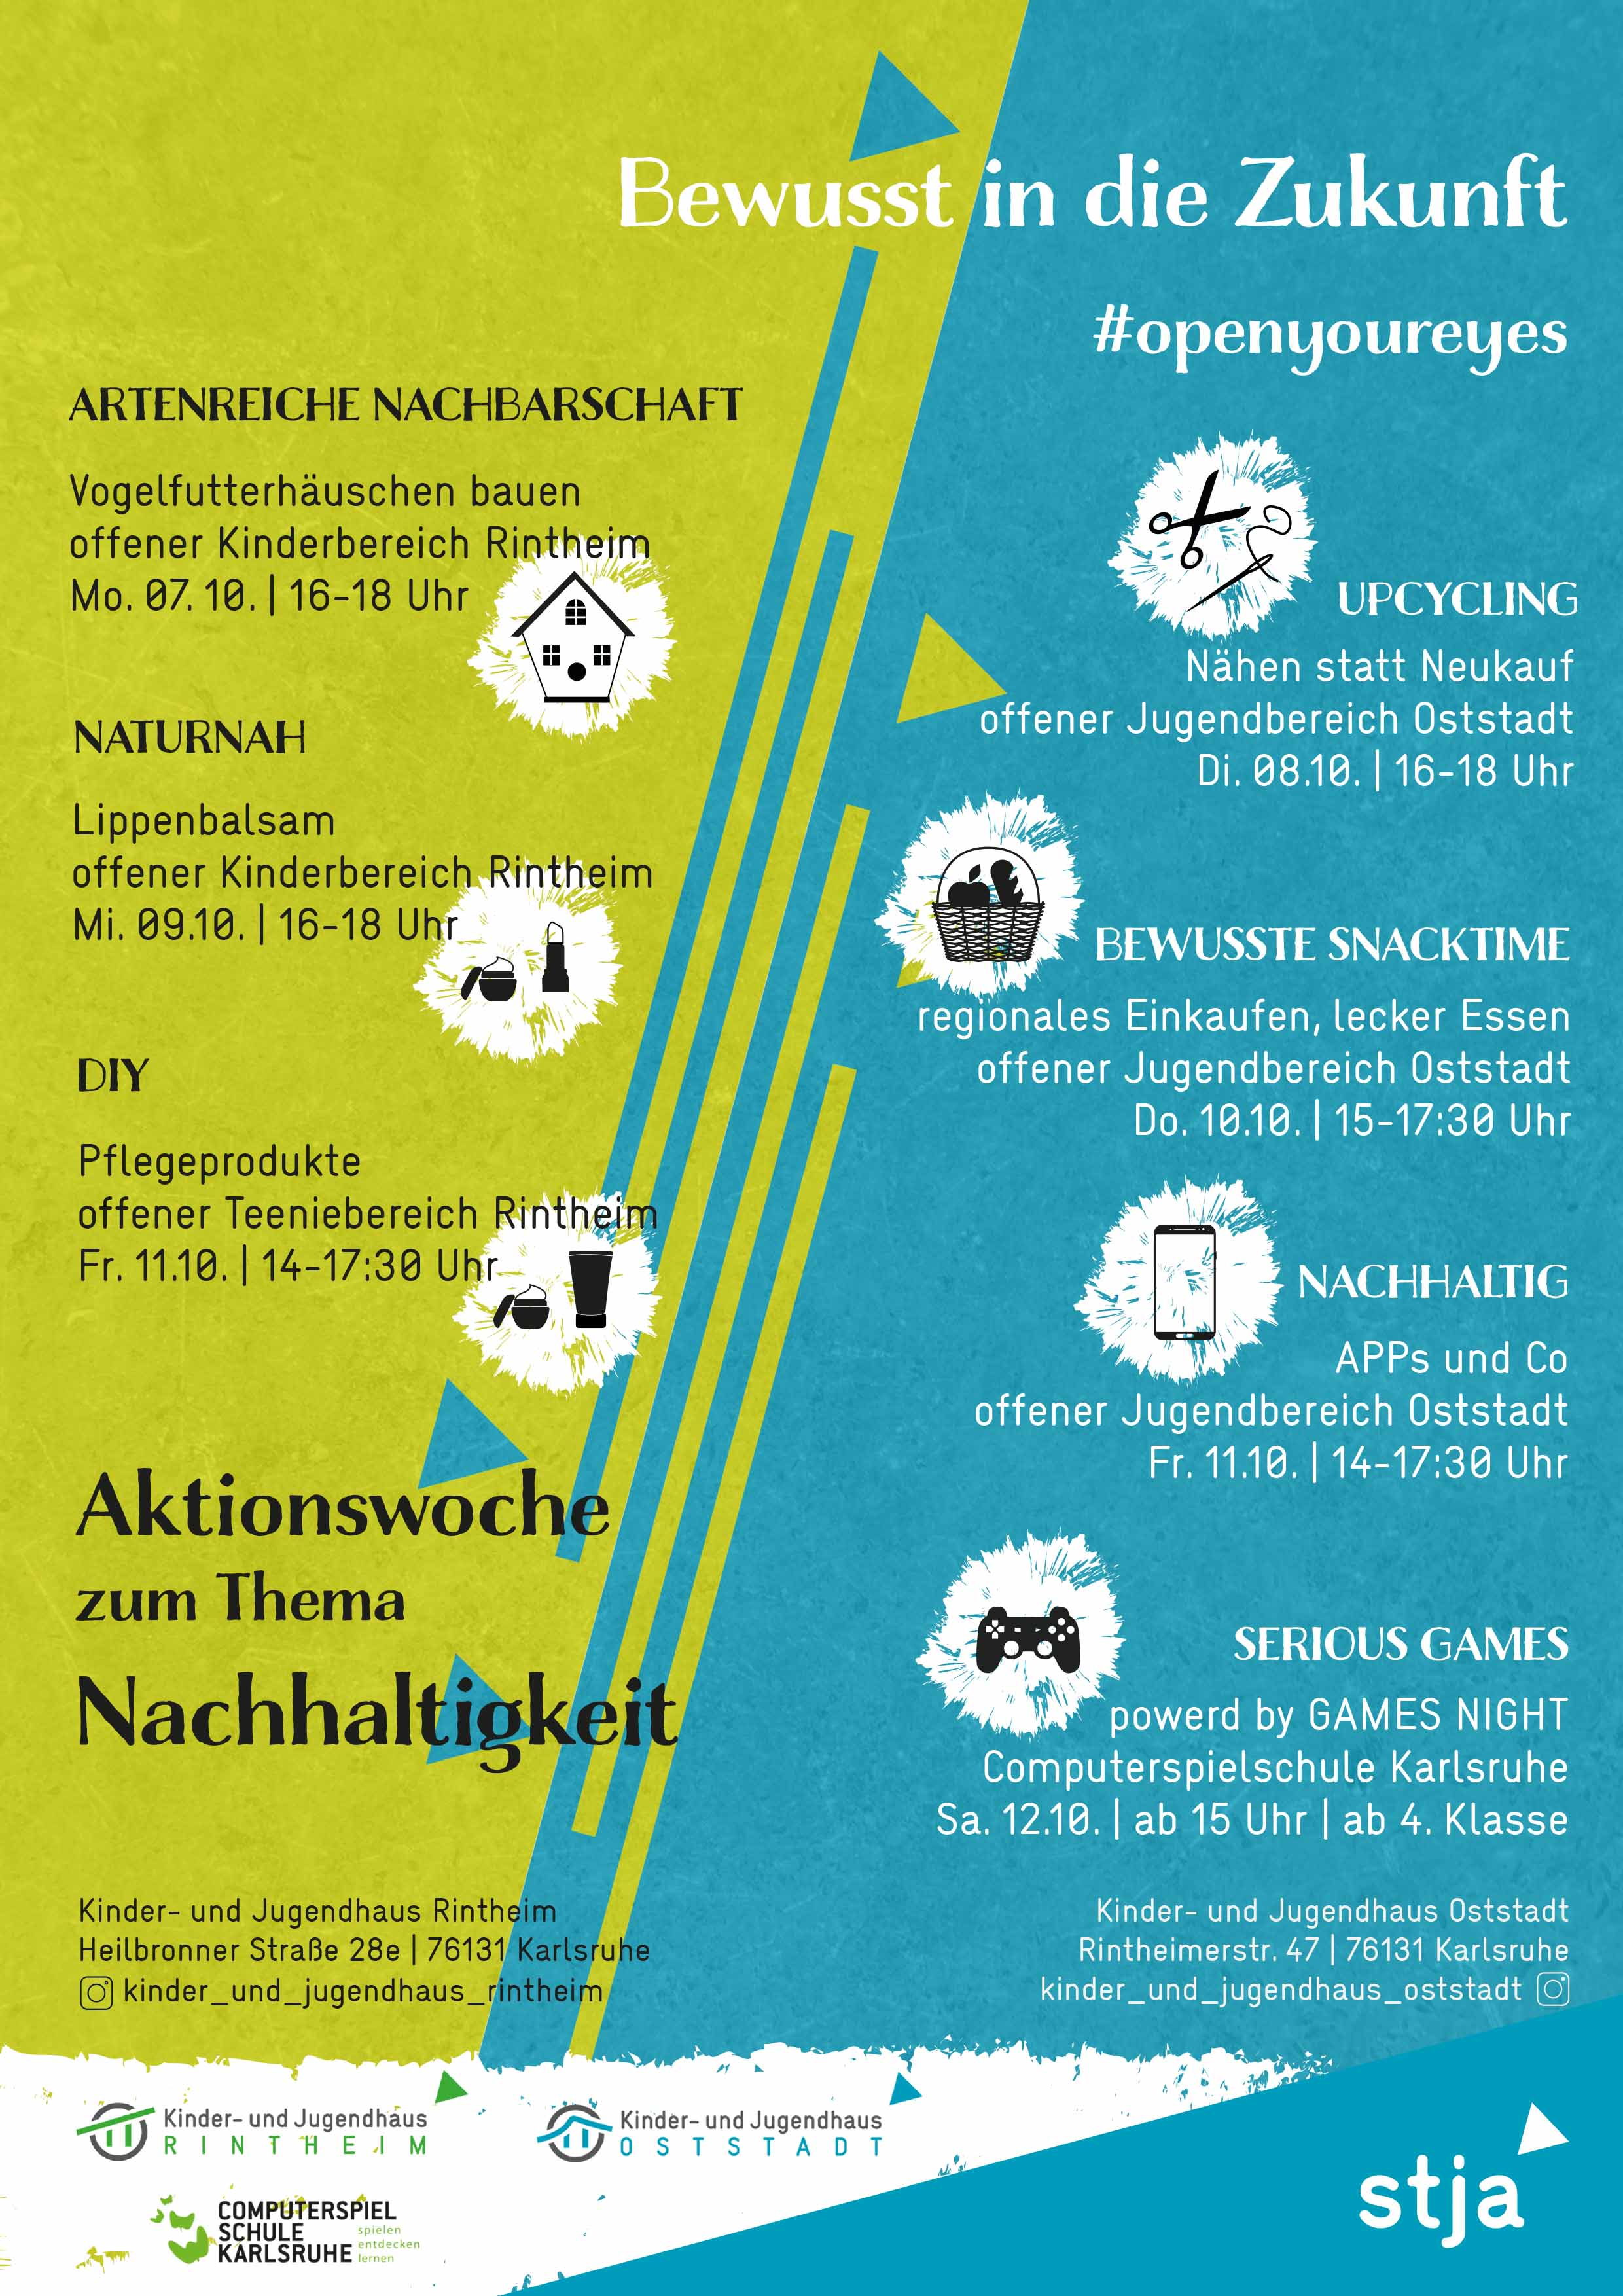 Poster Aktionswoche Nachhaltigkeit mit Adresse